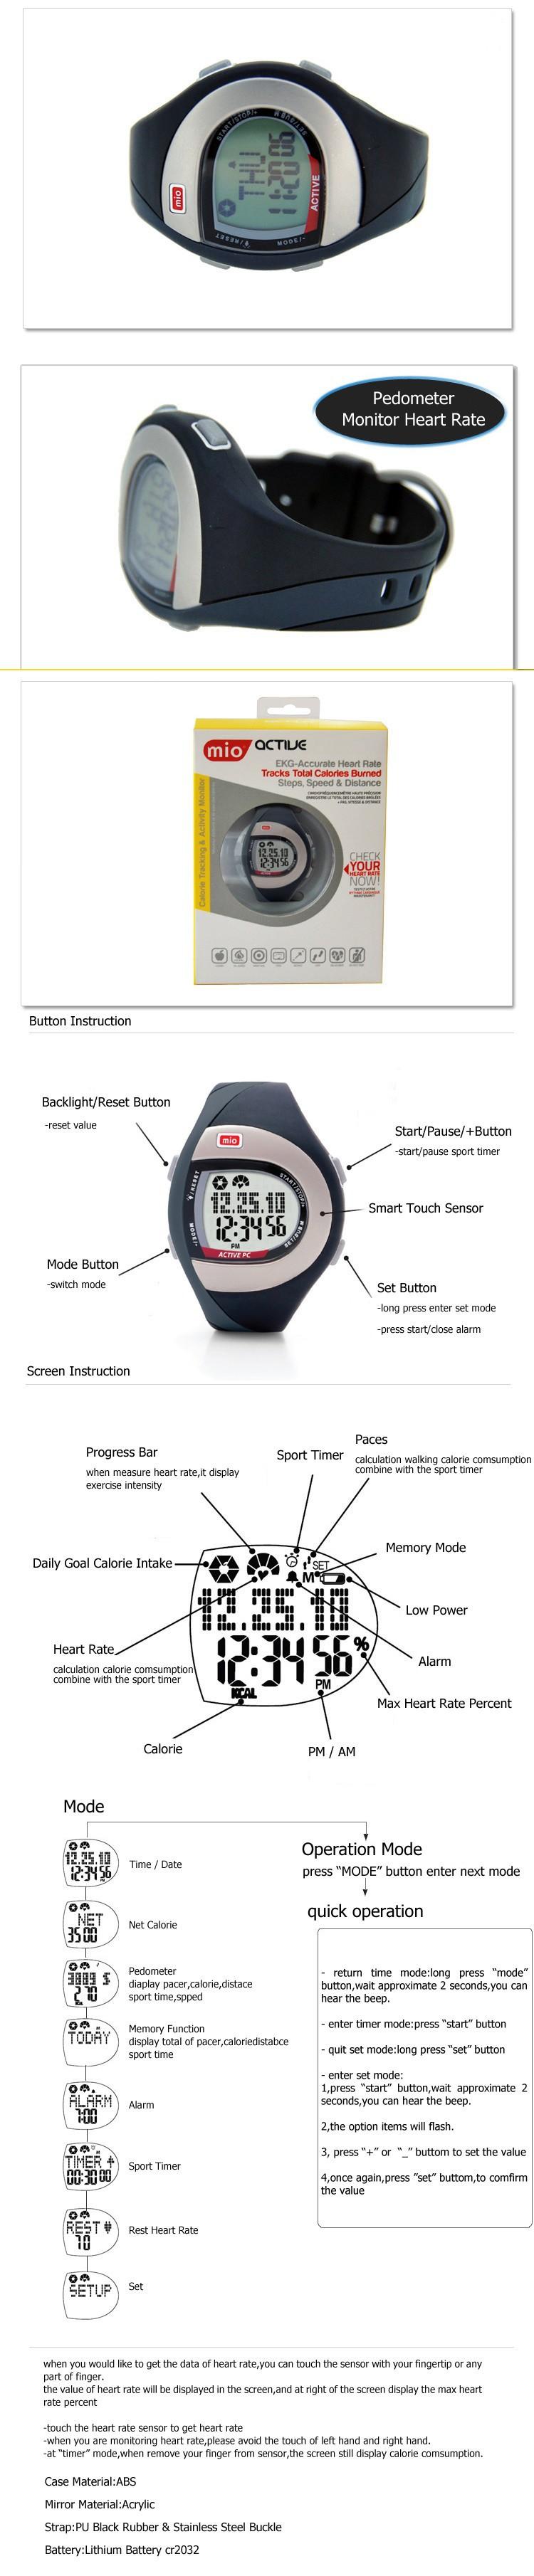 Mio Активно (мужской стиль) пальцем измерения сердечного ритма смарт спортивные часы биологической идентификации smart touch технологии